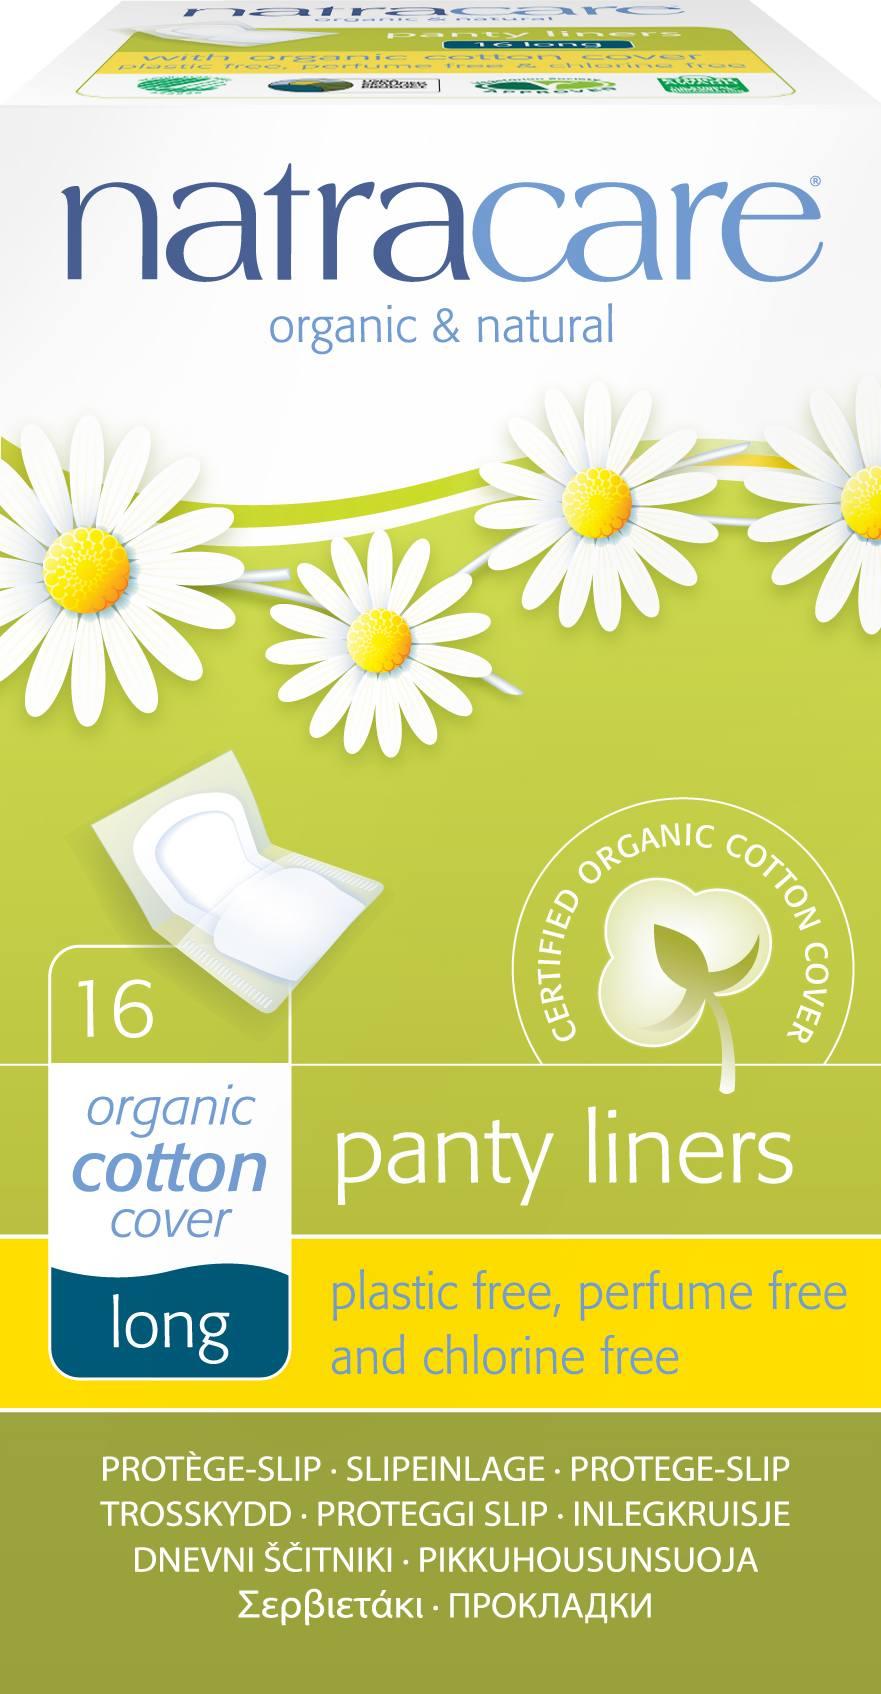 Natracare ежедневные прокладки Long, удлиненные в индивидуальной упаковке, 16 шт.Satin Hair 7 BR730MNНовая, удлиненная версия ежедневной прокладки в индивидуальной упаковке с маркировкой «organic & natural» изготовлена из сертифицированного органического хлопка и возобновляемых натуральных материалов. Продукт отличает улучшенный дизайн, усовершенствованная, изогнутая форма, повышенная мягкость и комфорт, увеличенное количество абсорбента и расширенная область защиты.